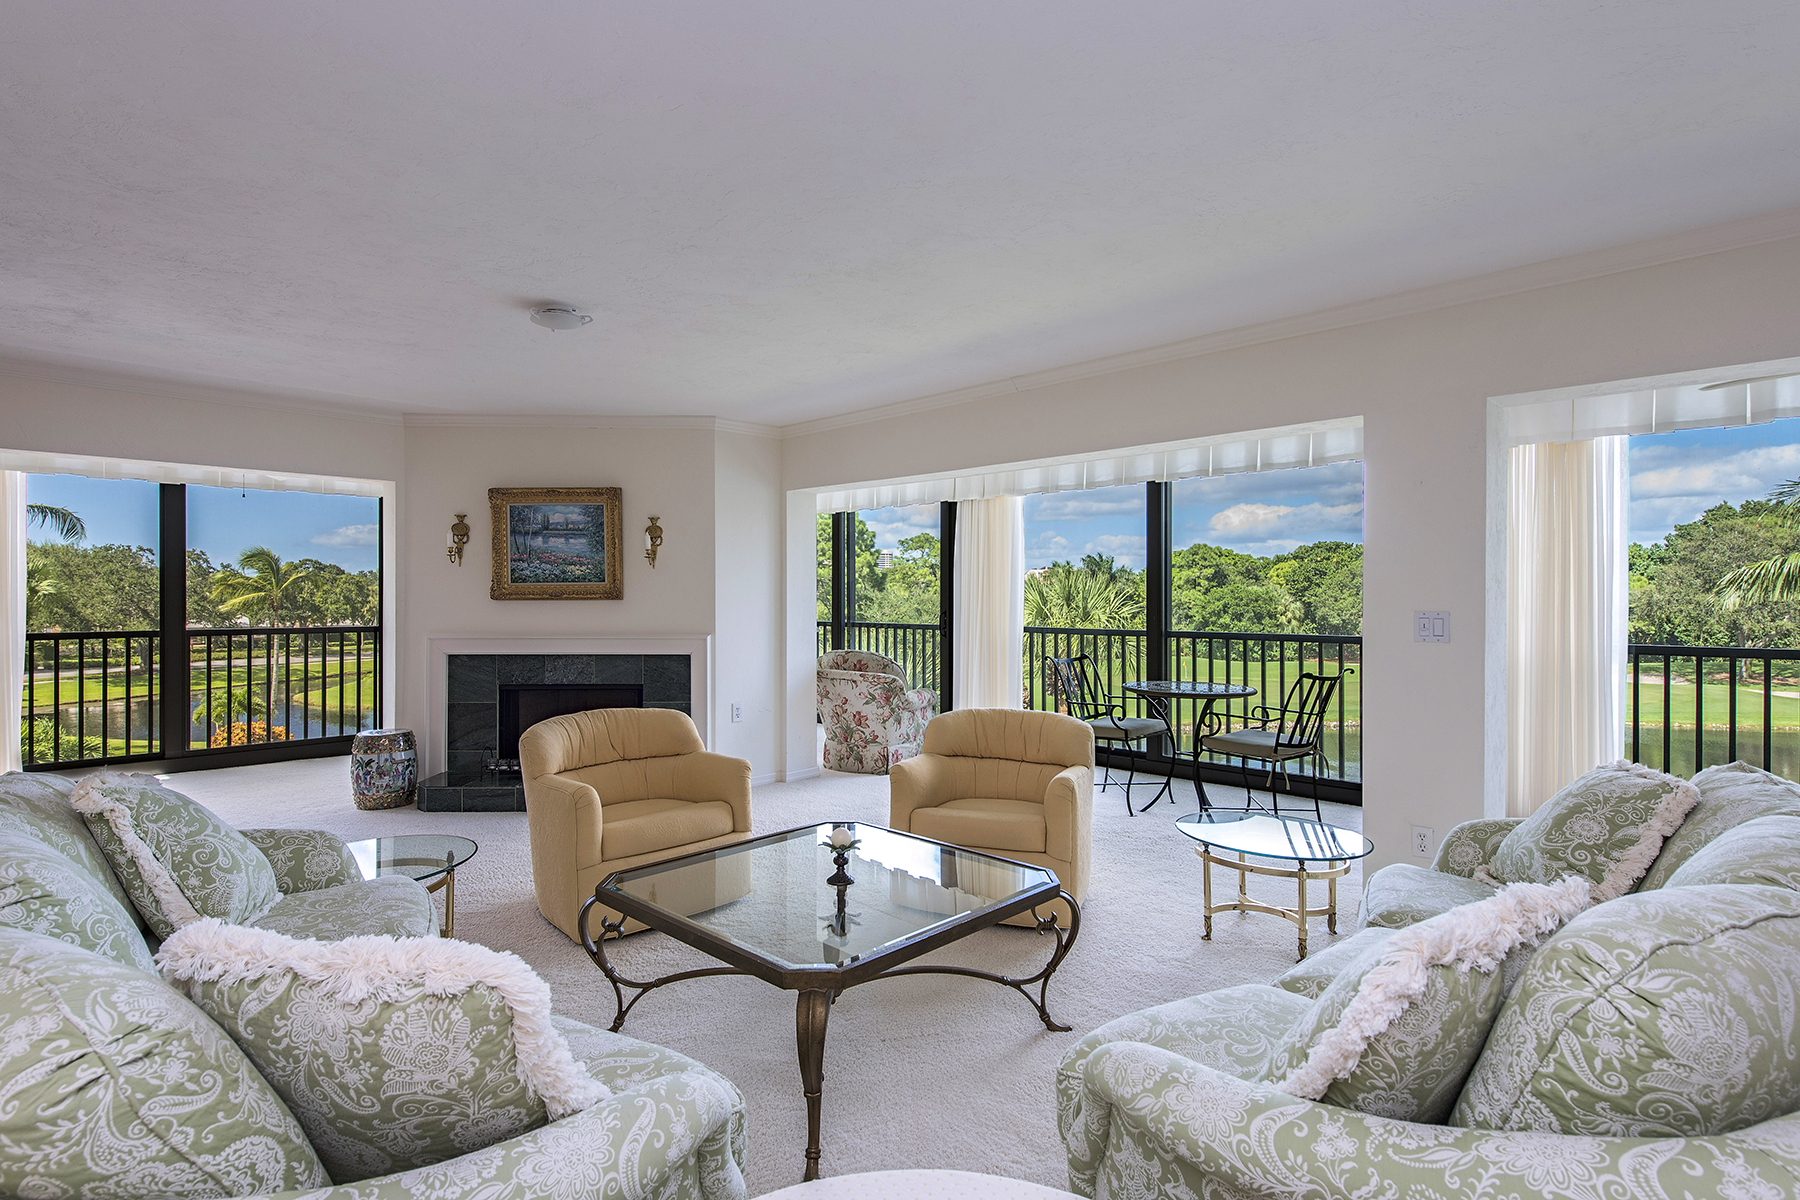 Nhà chung cư vì Bán tại PELICAN BAY - CHATEAUMERE 6060 Pelican Bay Blvd B-302 Naples, Florida, 34108 Hoa Kỳ